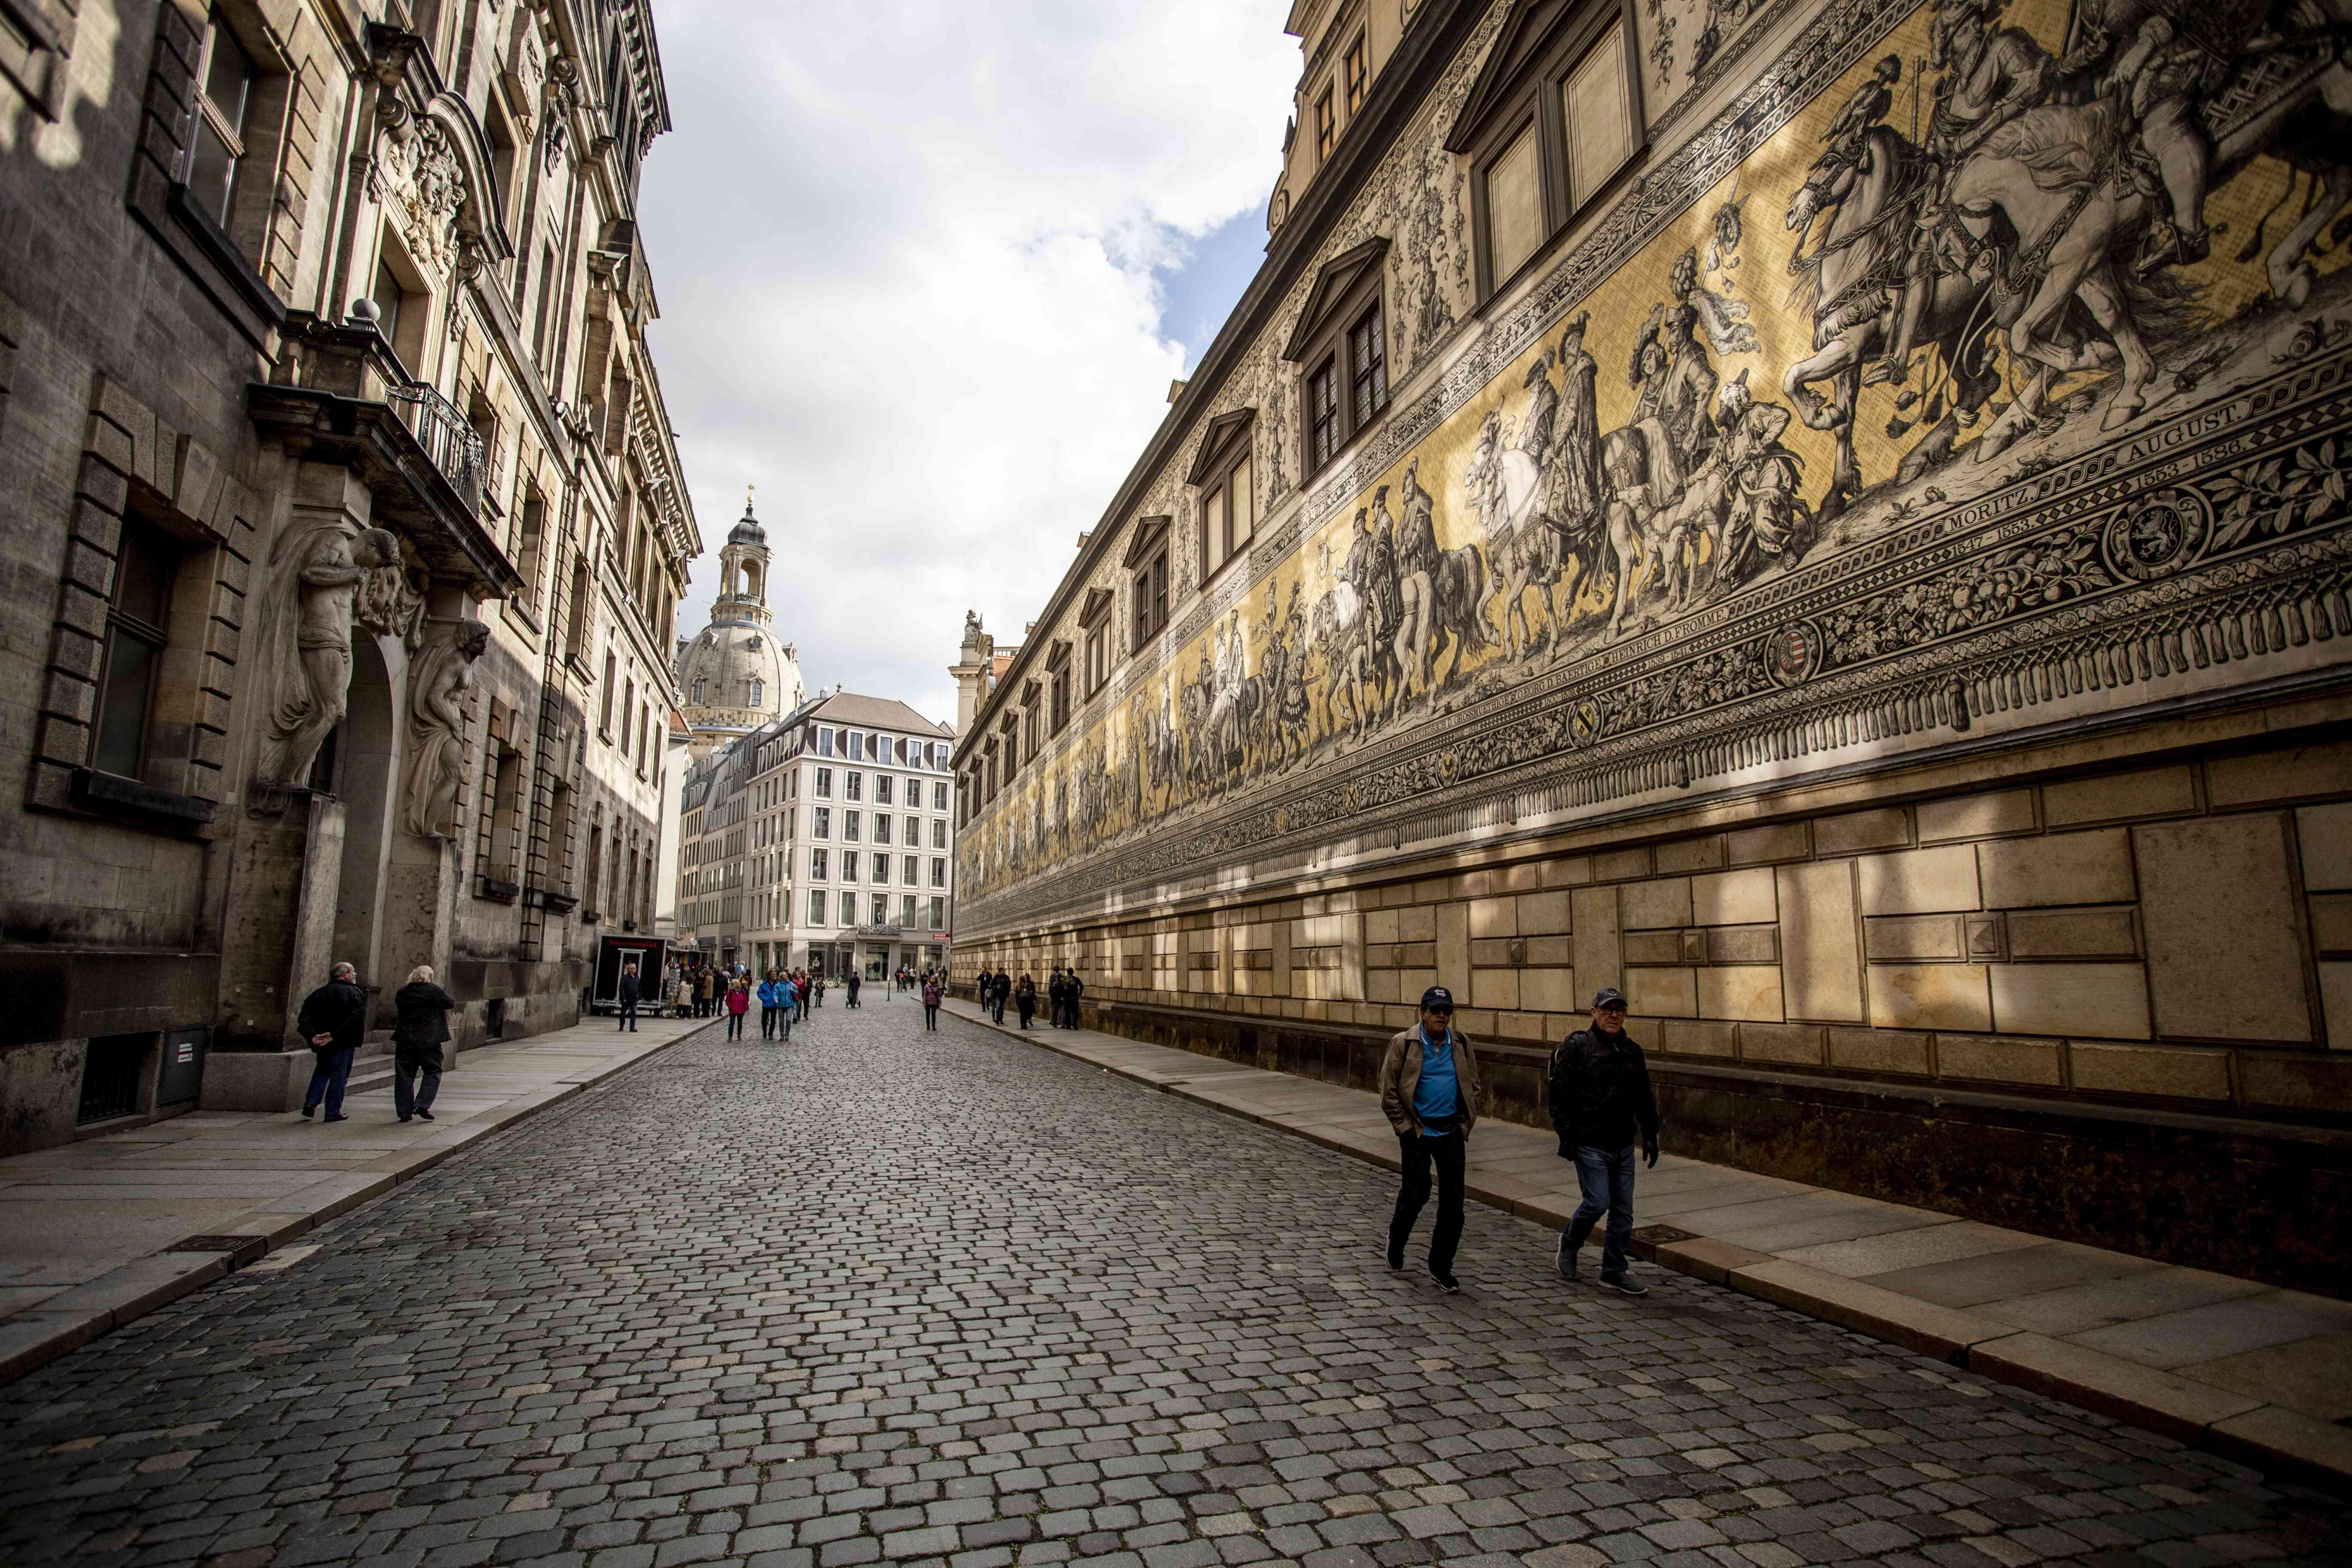 Gente caminando junto al largo mural de la Procesión de los Príncipes